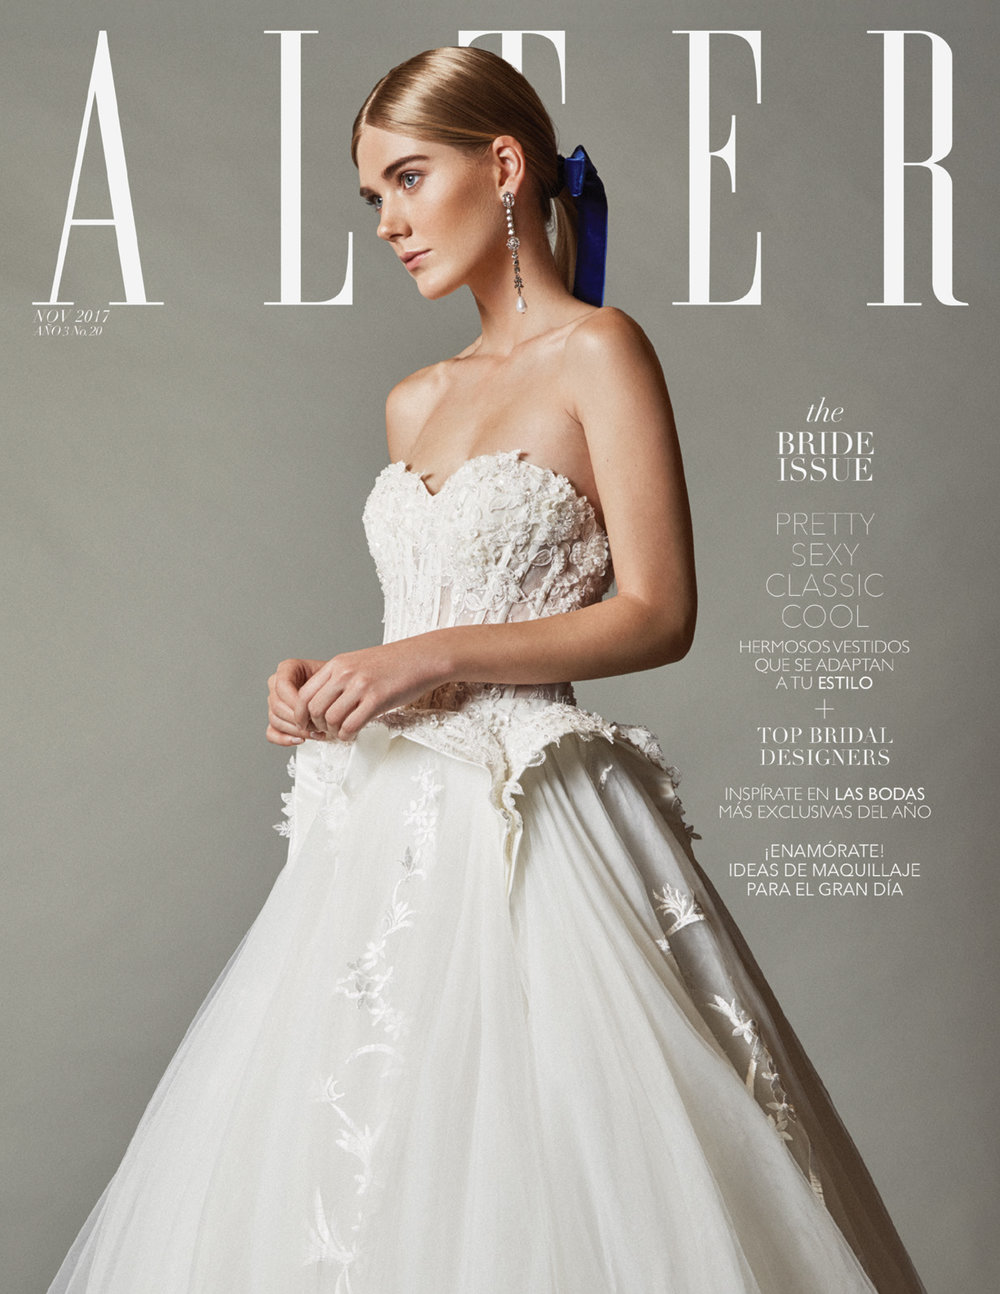 alter20_portada y editorial-1.jpg